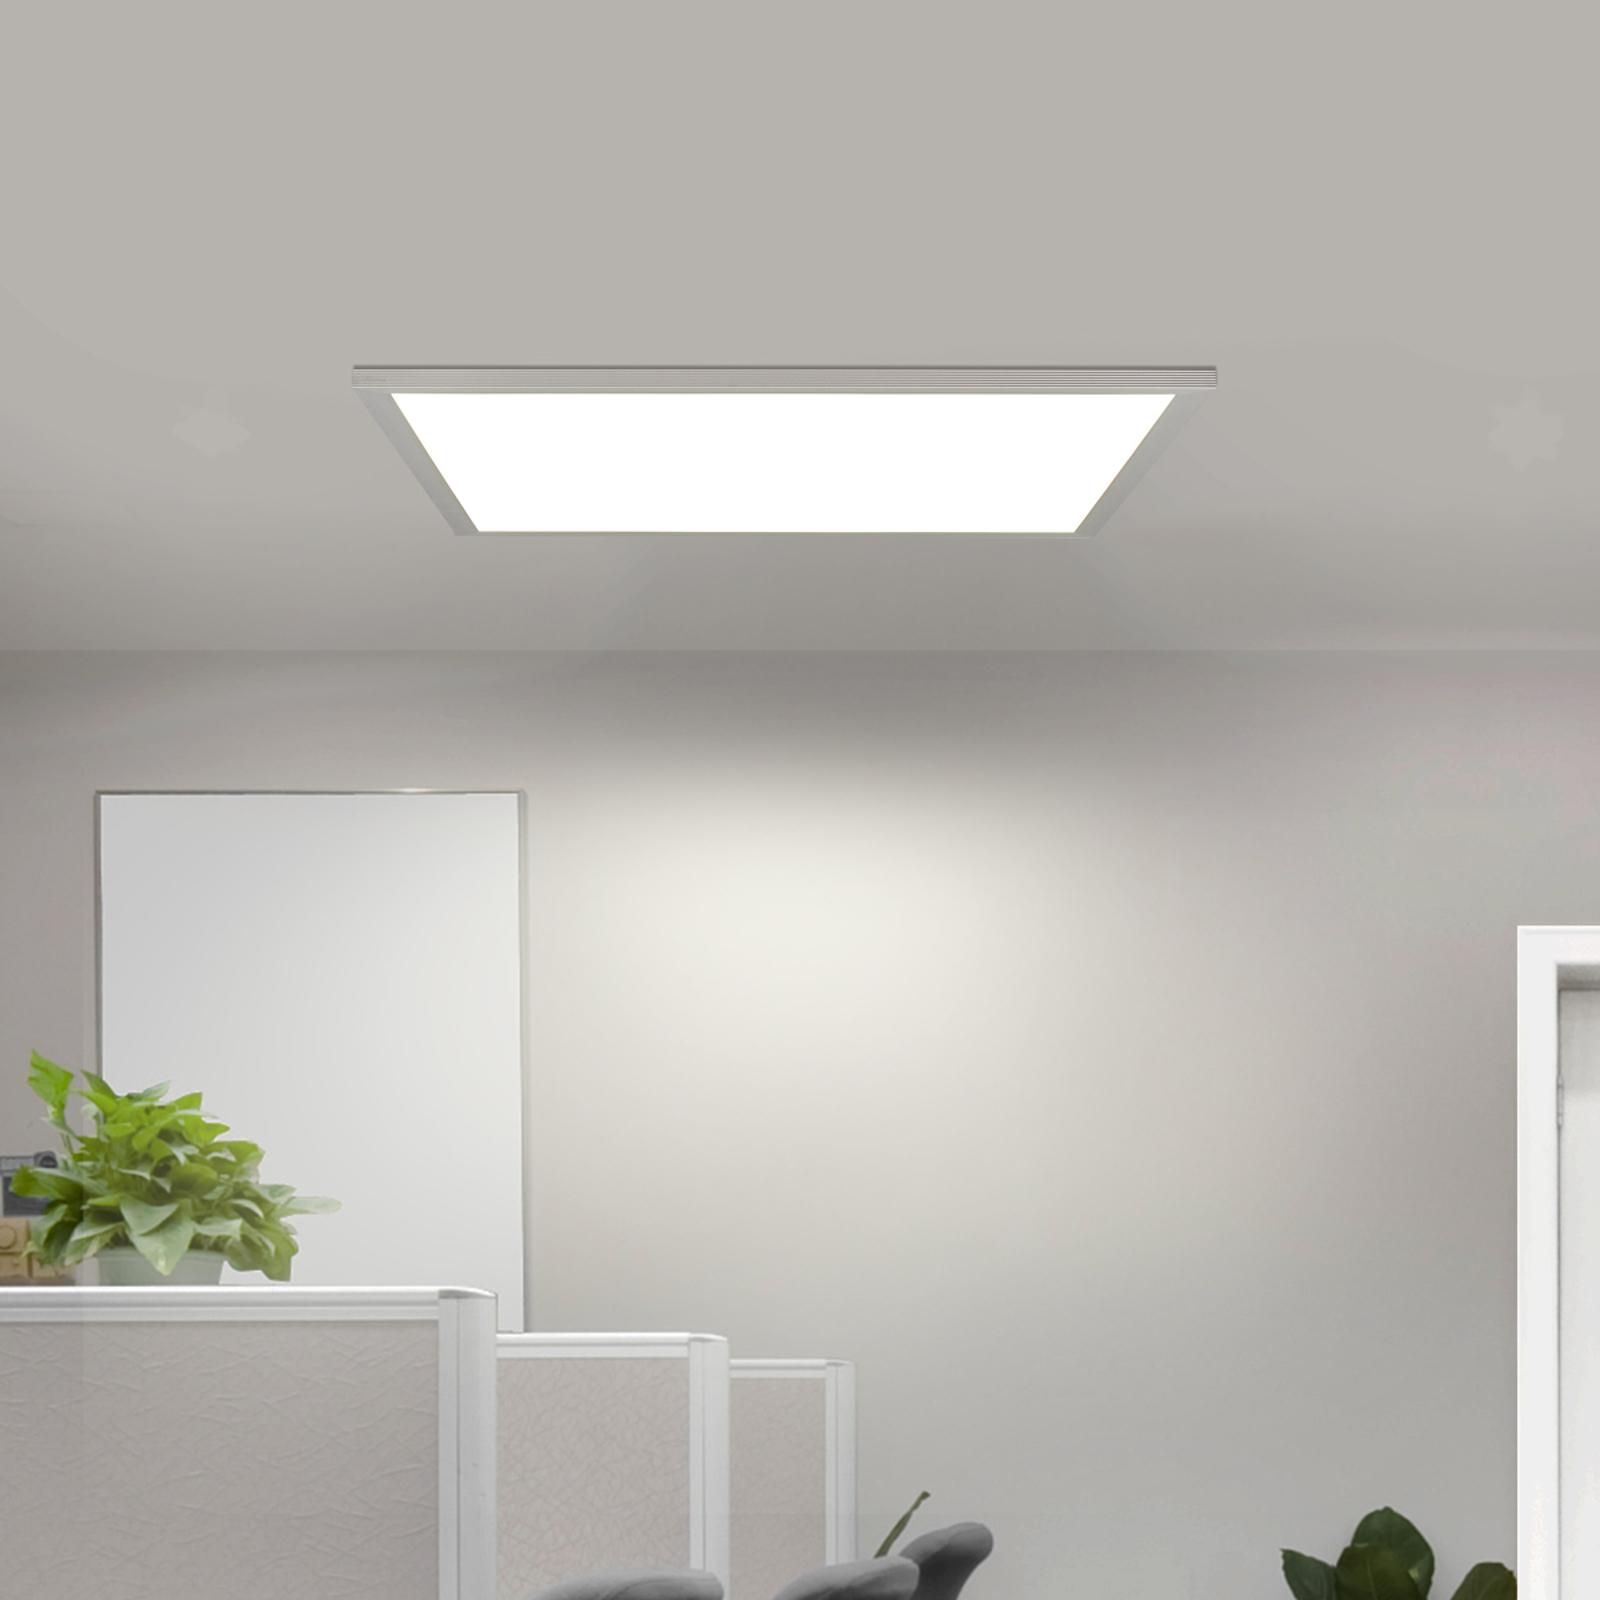 Panneau LED Edge All-in-One, lumière du jour, DALI